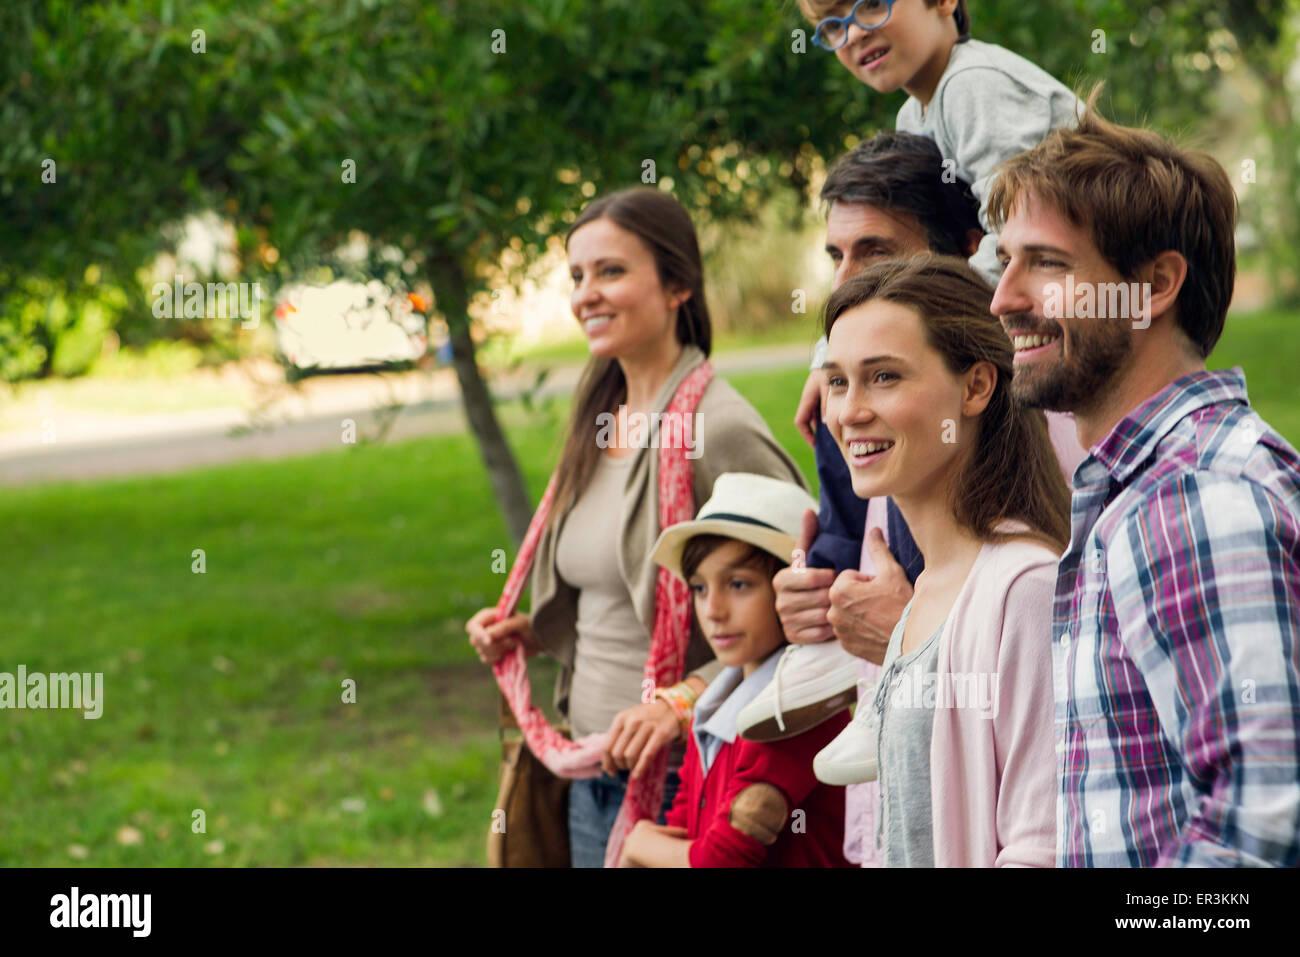 Famiglia di trascorrere del tempo insieme all'aperto Immagini Stock